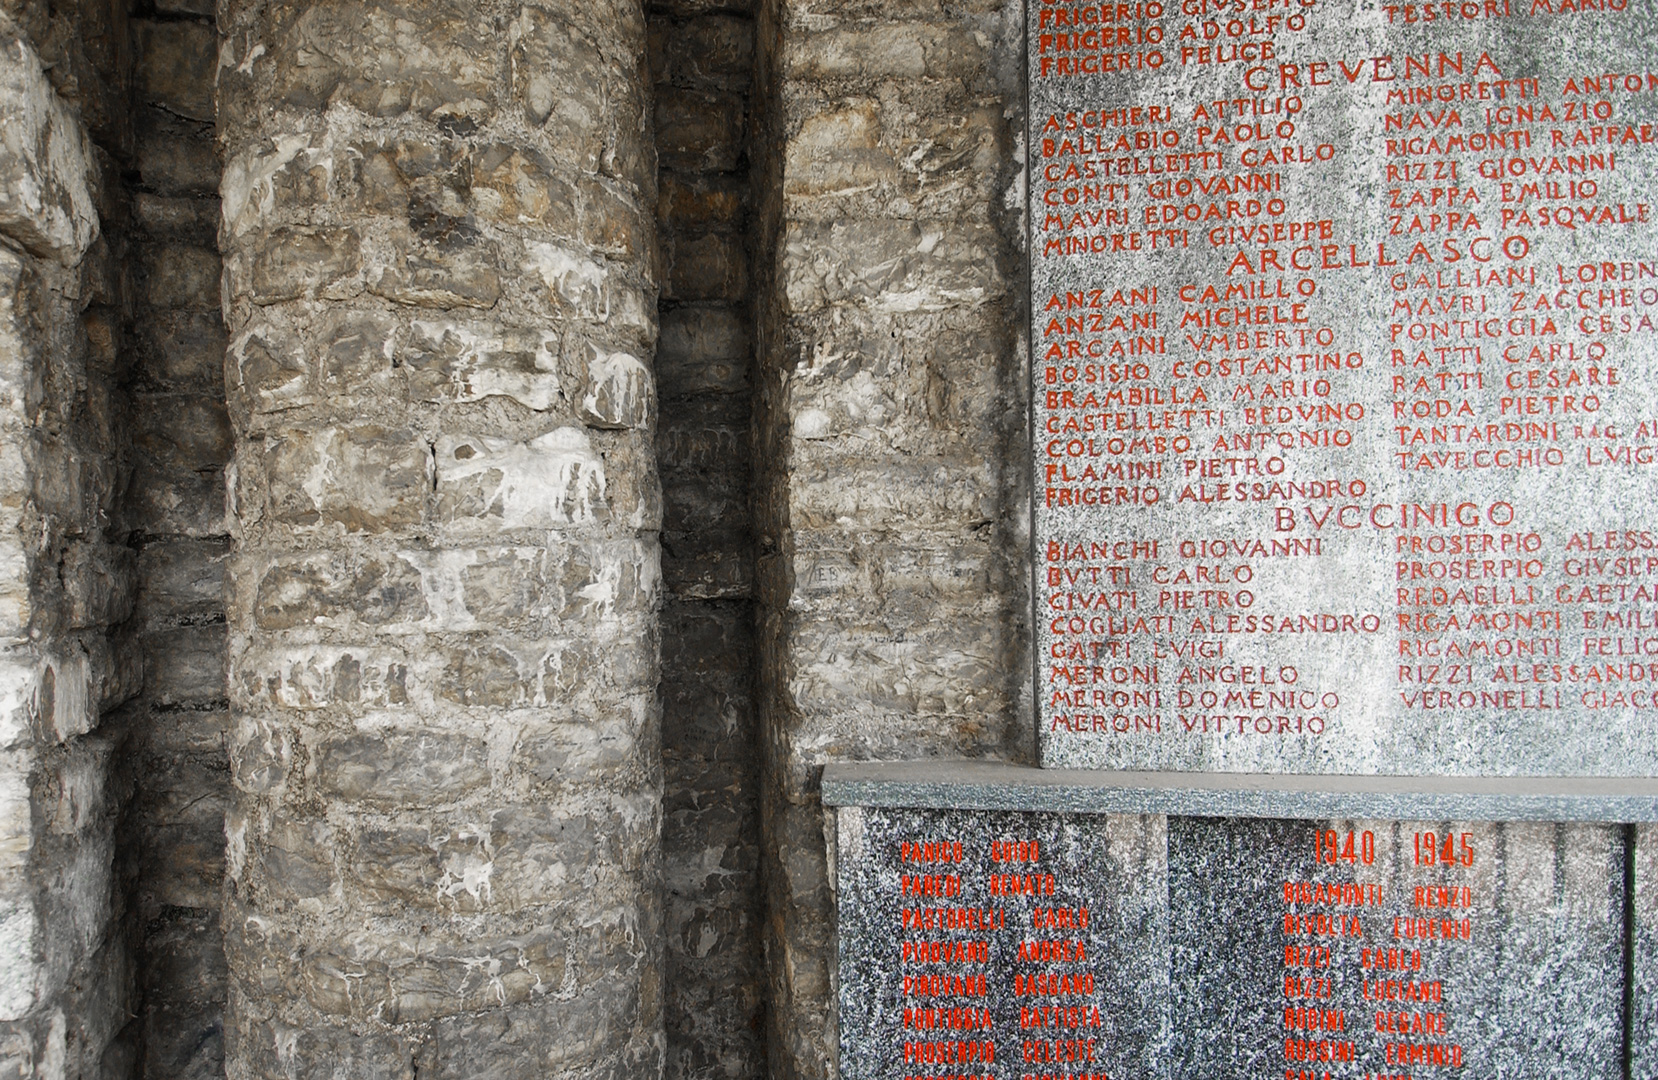 monumento-ai-caduti-erba_03_DSC_5834